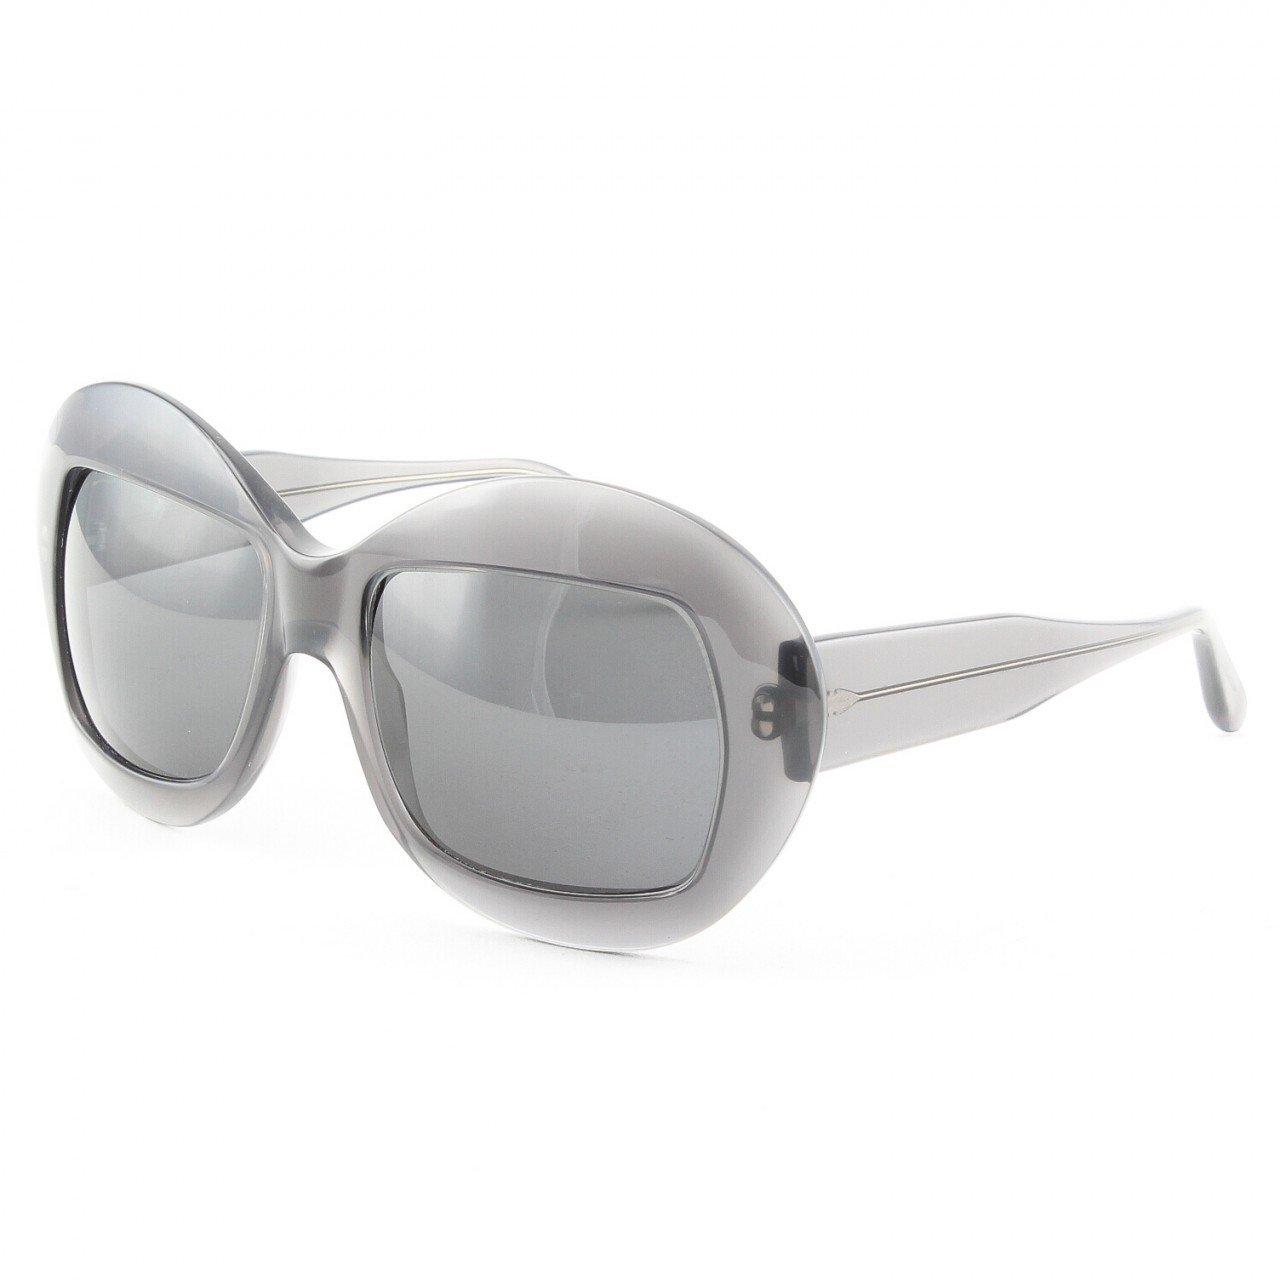 Marni MA186S Sunglasses Col. 02 Translucent Graphite Gray with Gray Lenses